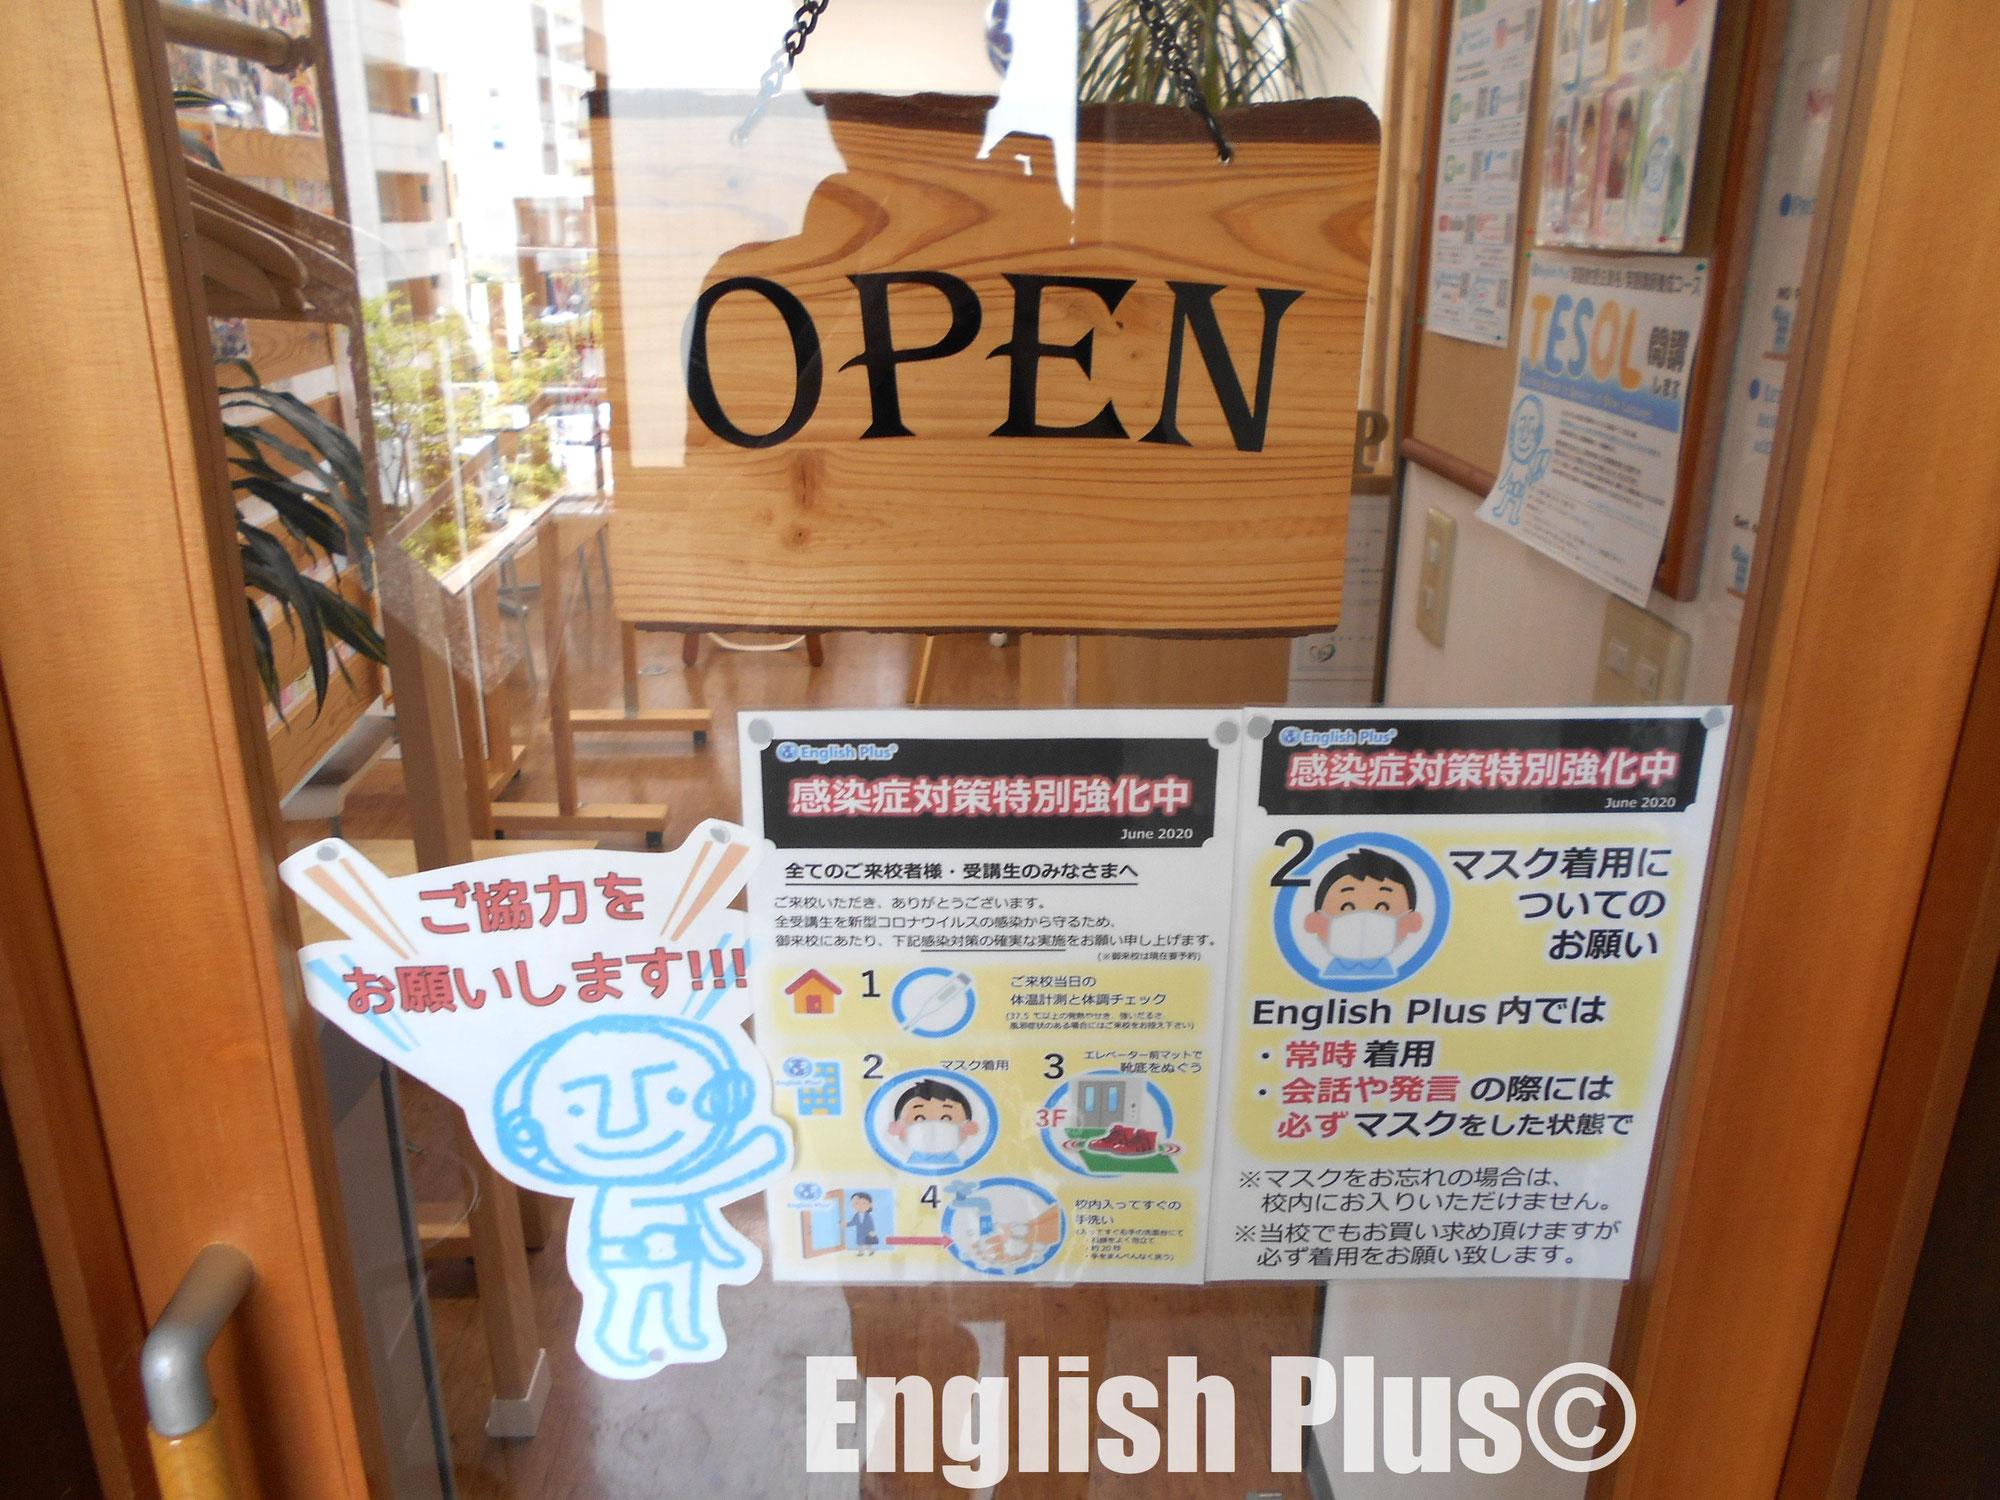 English Plus英語講師として2020年を振り返って(日本語編)